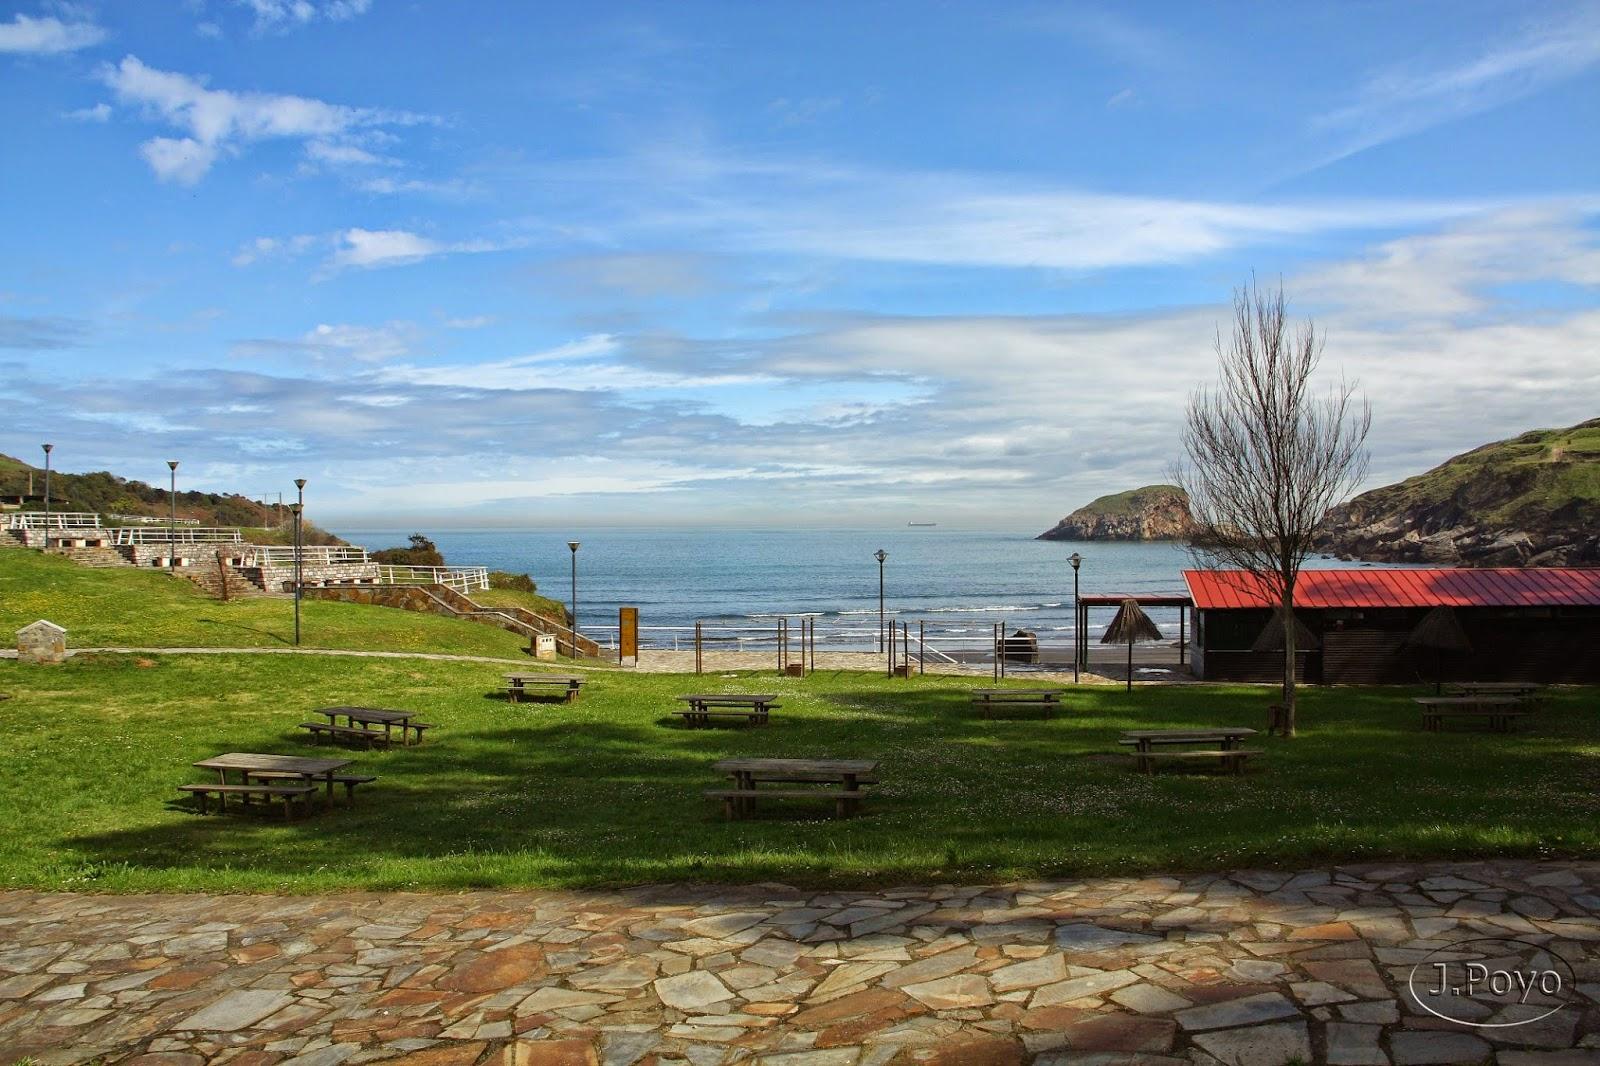 Santa María del Mar, Asturias